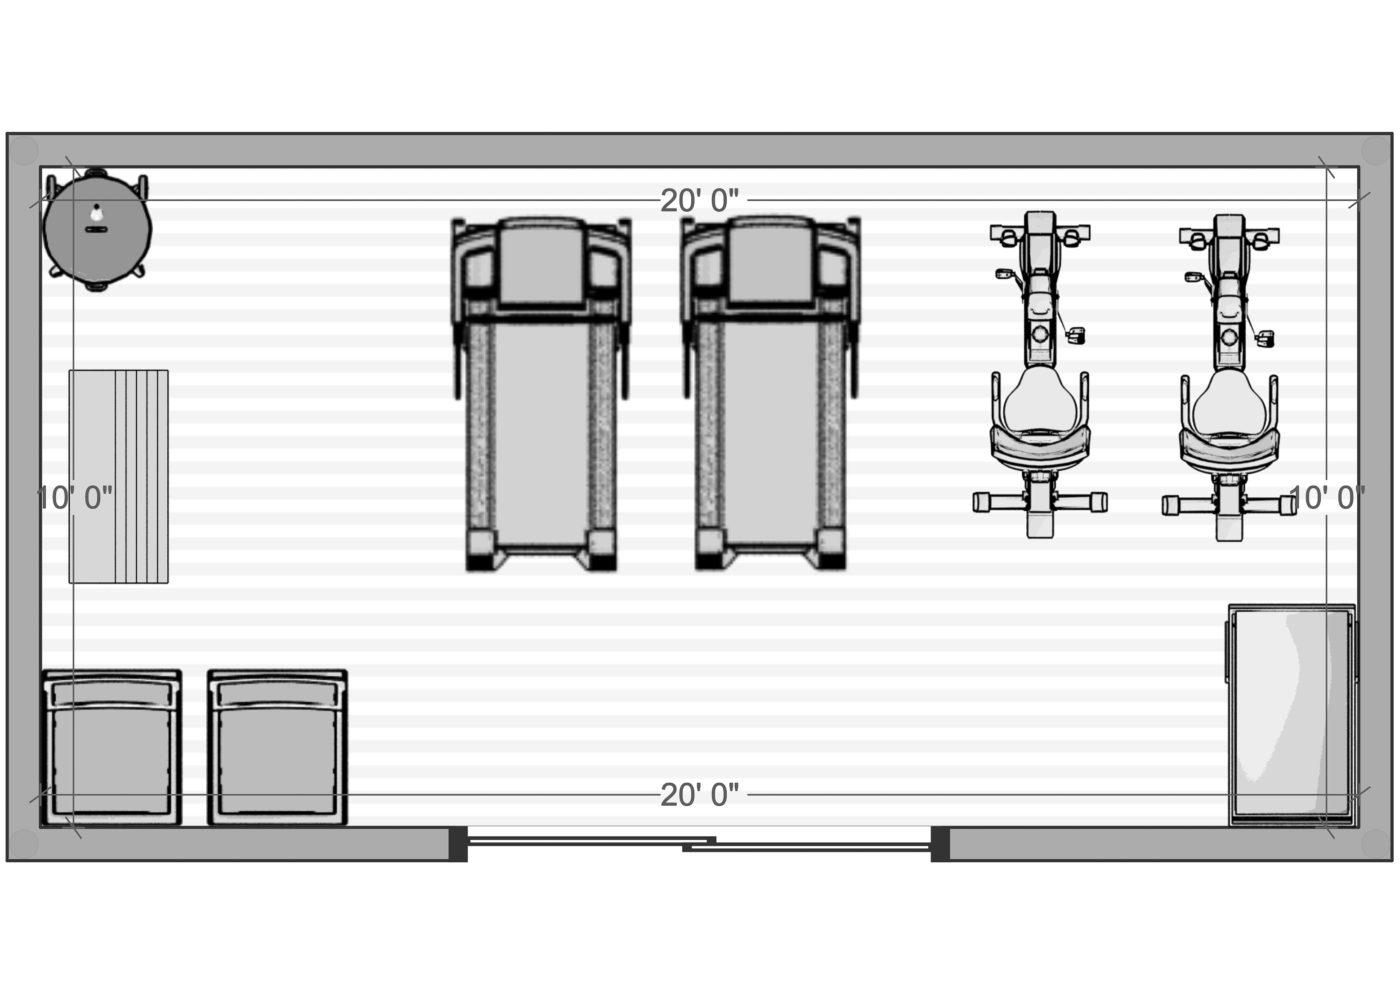 10x20 storage shed diagram